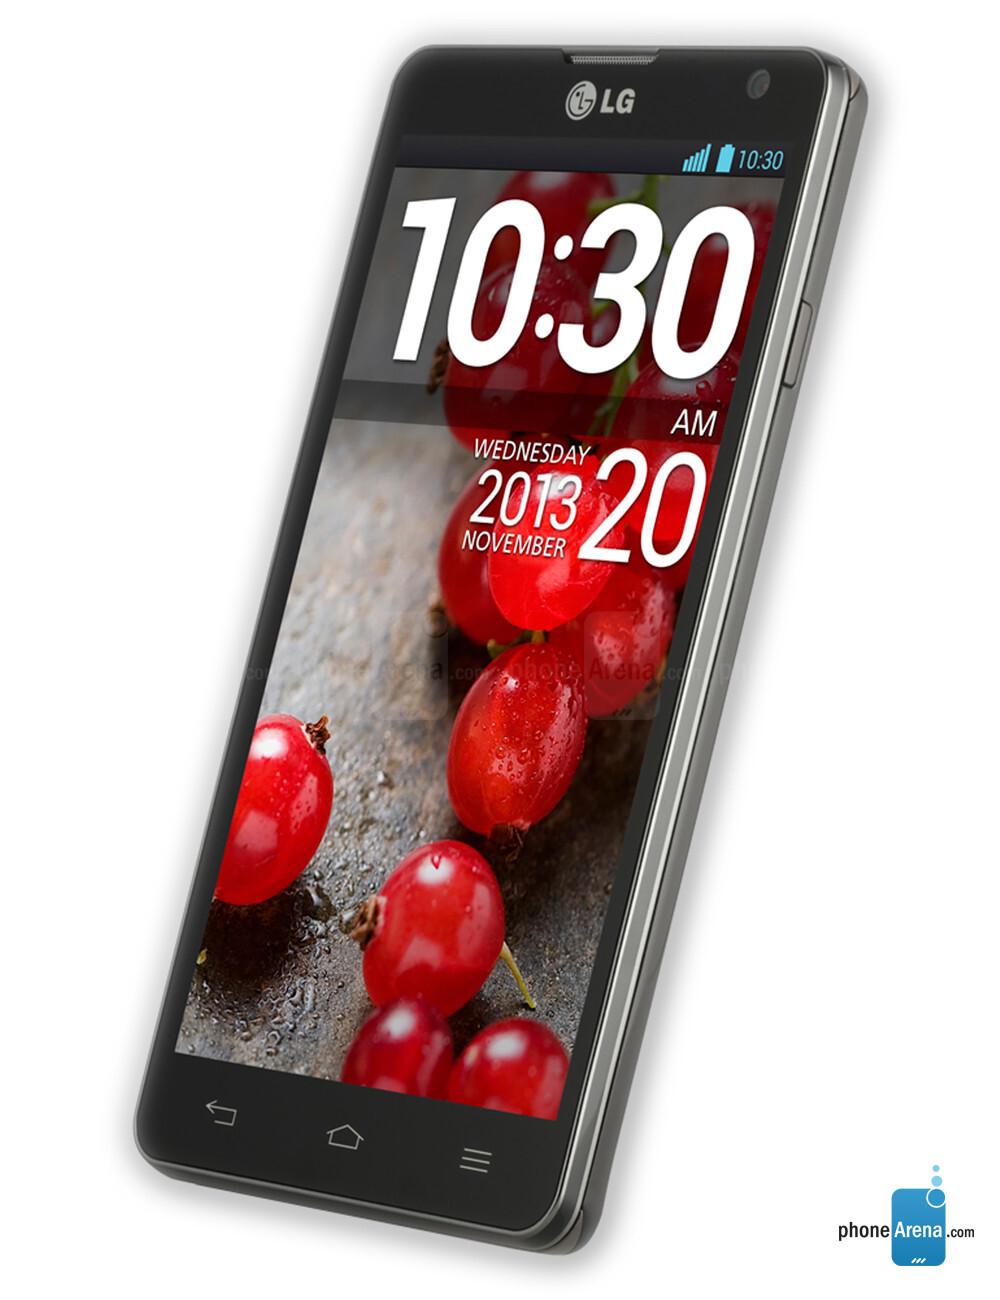 LG Optimus L9 II specs